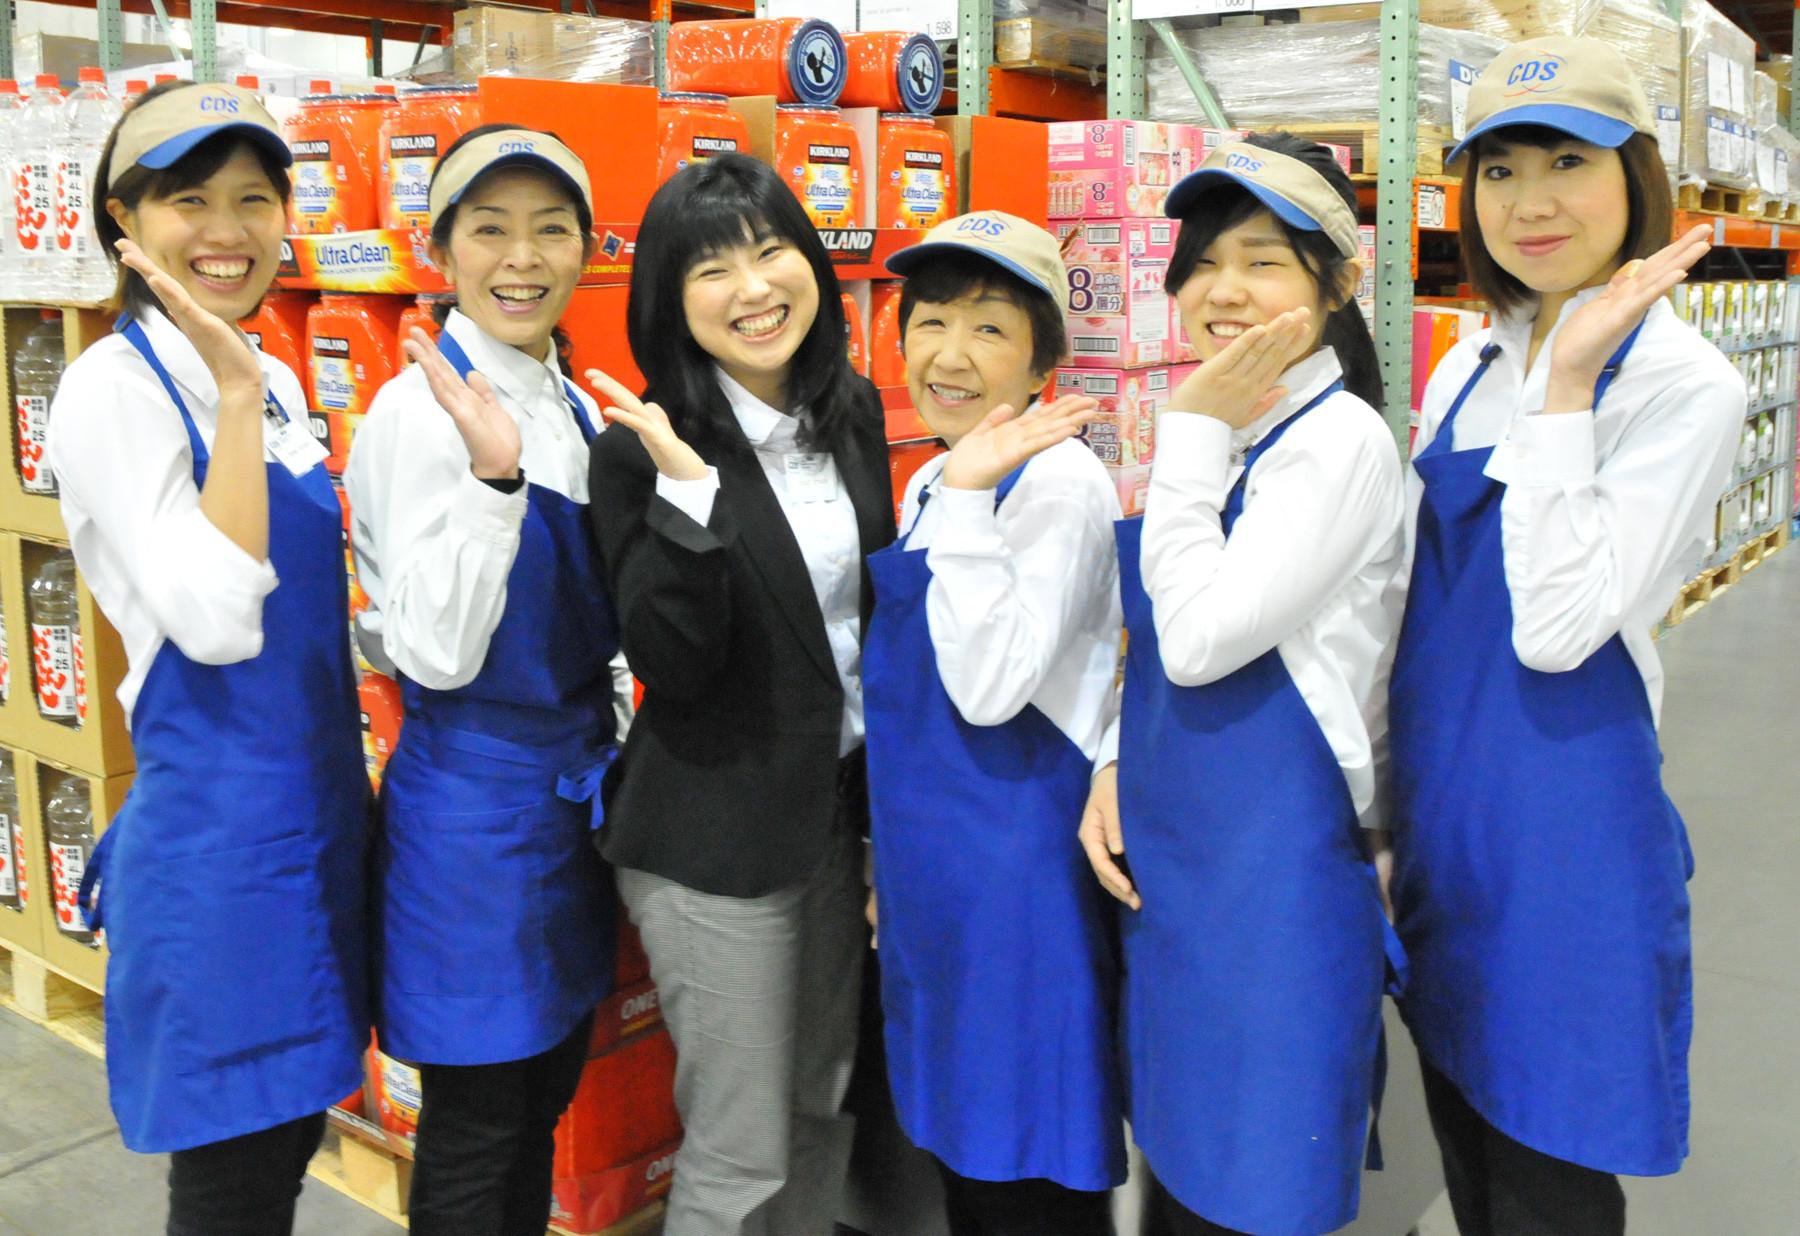 クラブ・デモンストレーション・サービシズ・インク コストコ入間倉庫店 のアルバイト情報